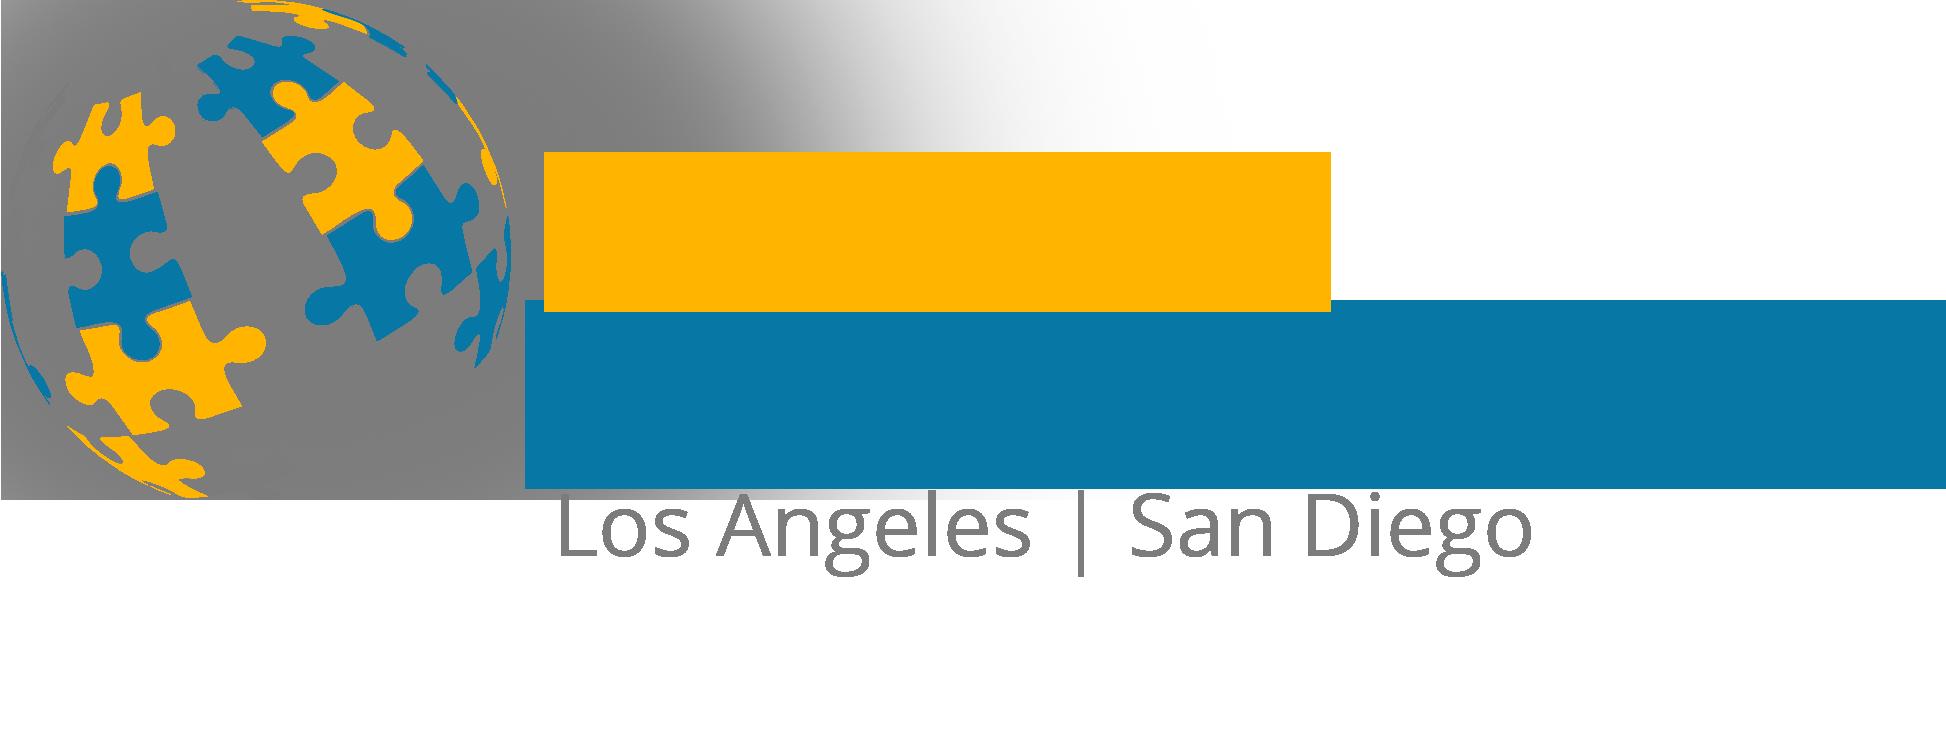 كاليفورنيا لانجويج أكاديمي